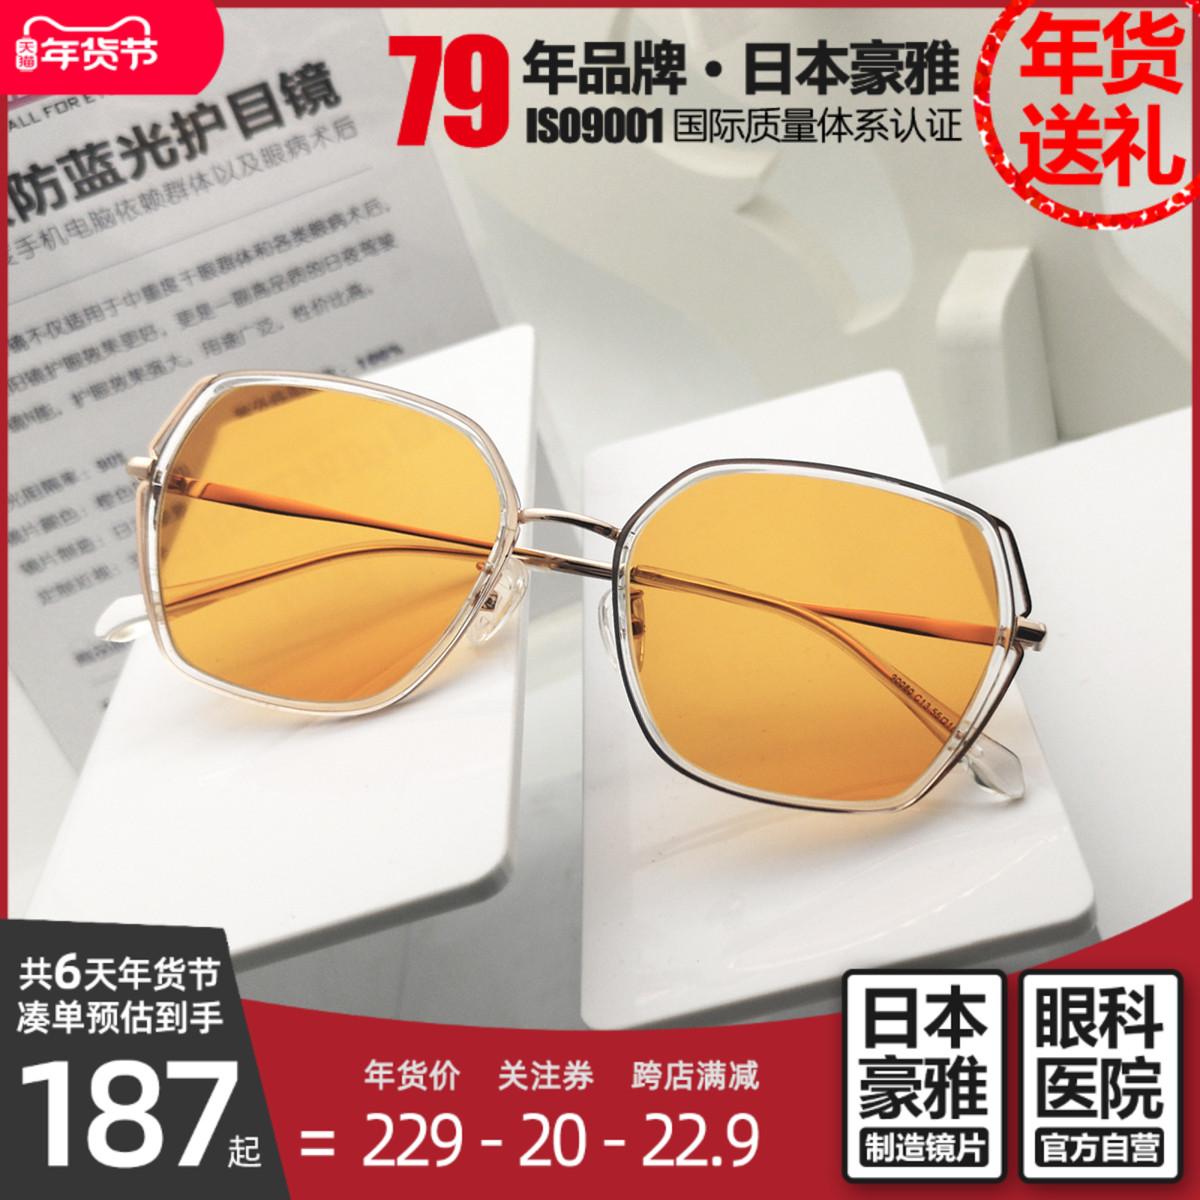 日本豪雅防蓝光眼镜女生电脑手机护眼专用抗太阳紫外线辐射护目镜